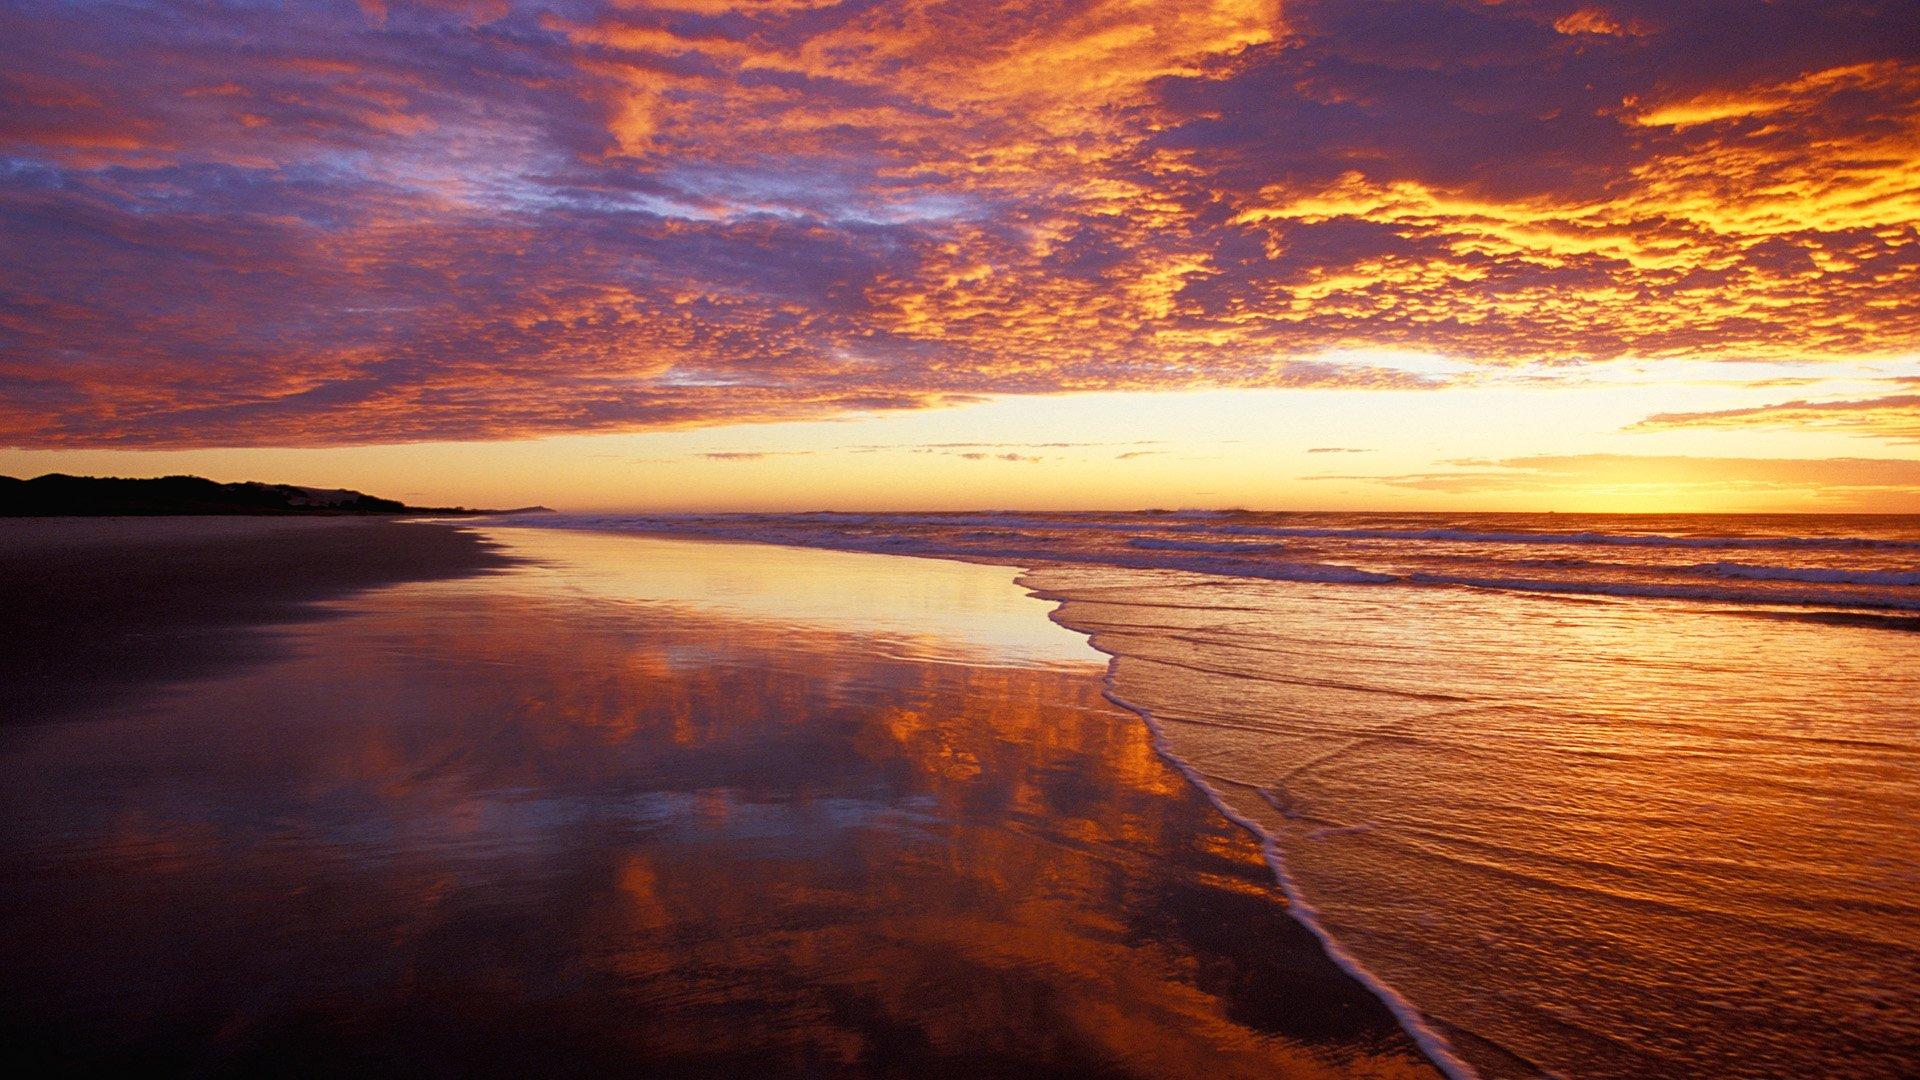 Terre/Nature - Coucher De Soleil  Paysage Scénique Plage Océan Sea Ciel Nuage Lever De Soleil Soleil Fond d'écran